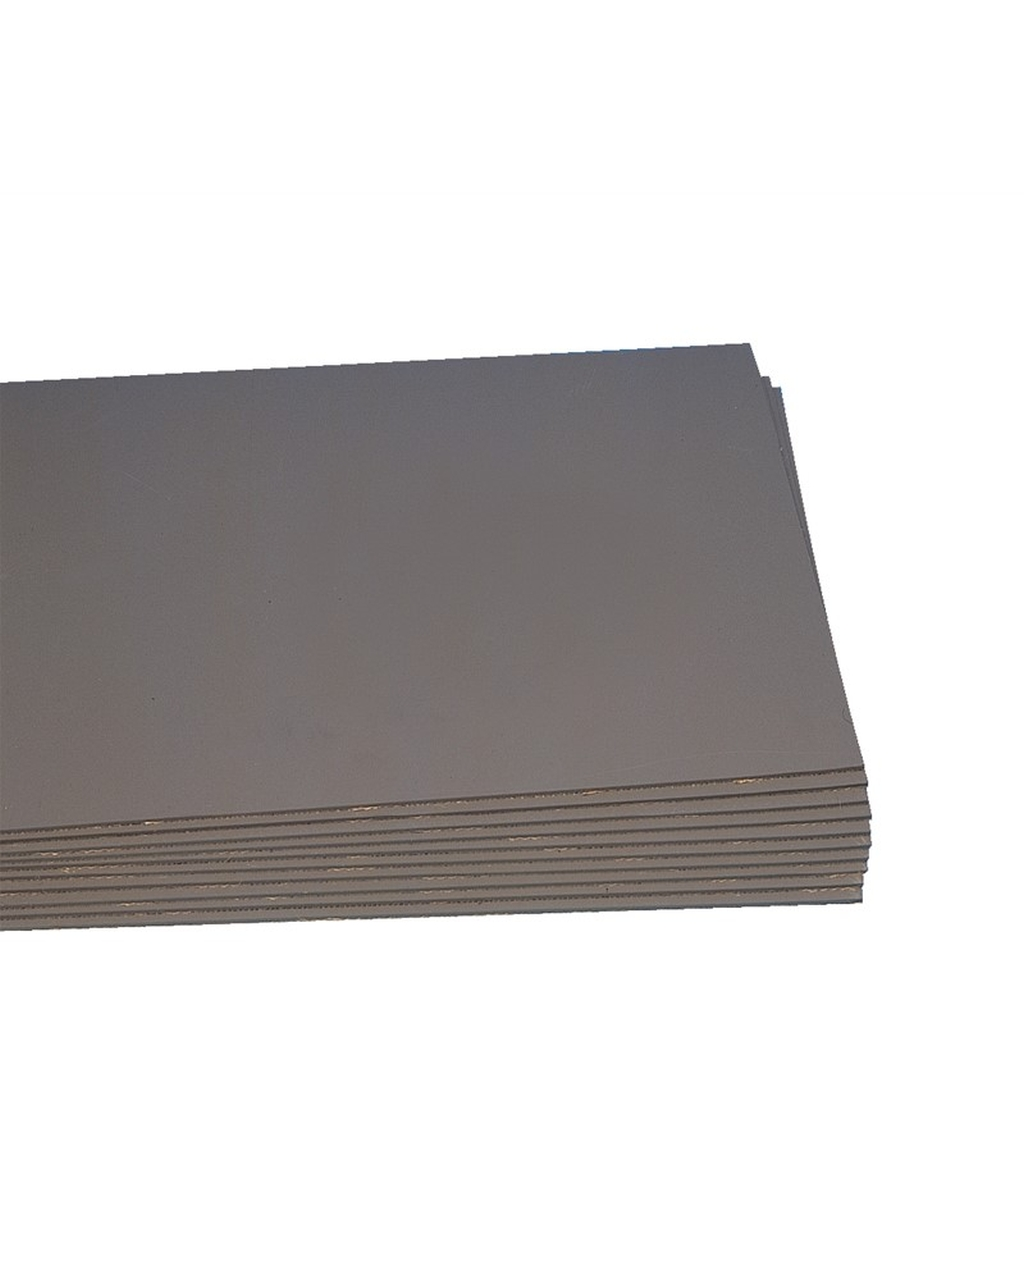 Lino Sheets 30.5 x 40.5cm